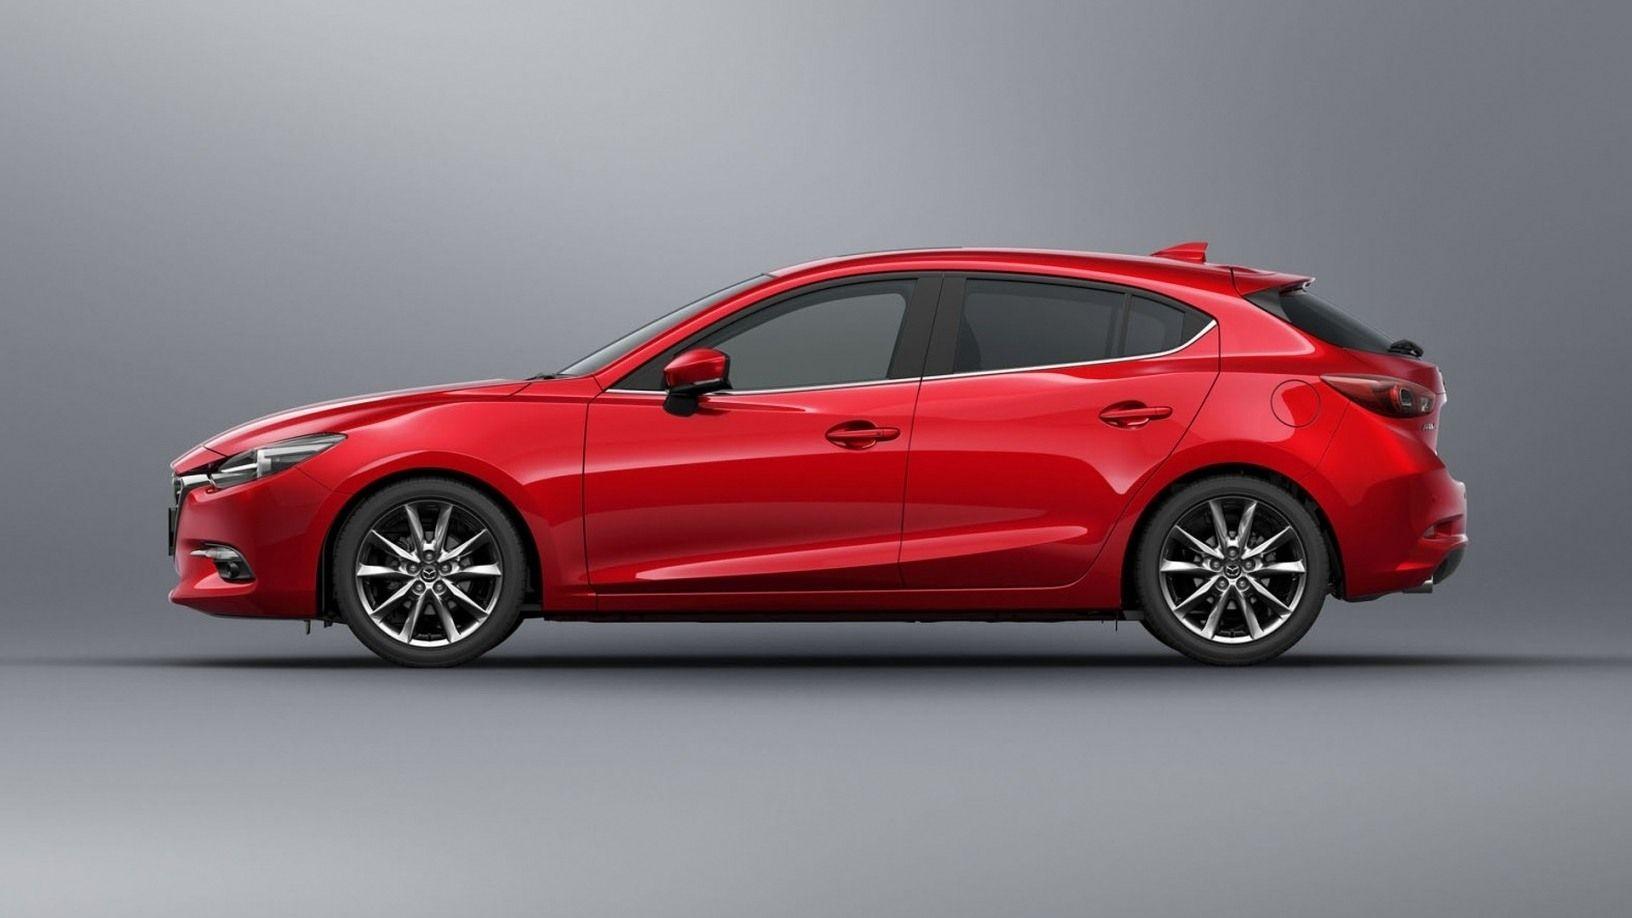 2019 Mazda3 I Touring Redesign Car Review 2018 Mazda 3 Sedan